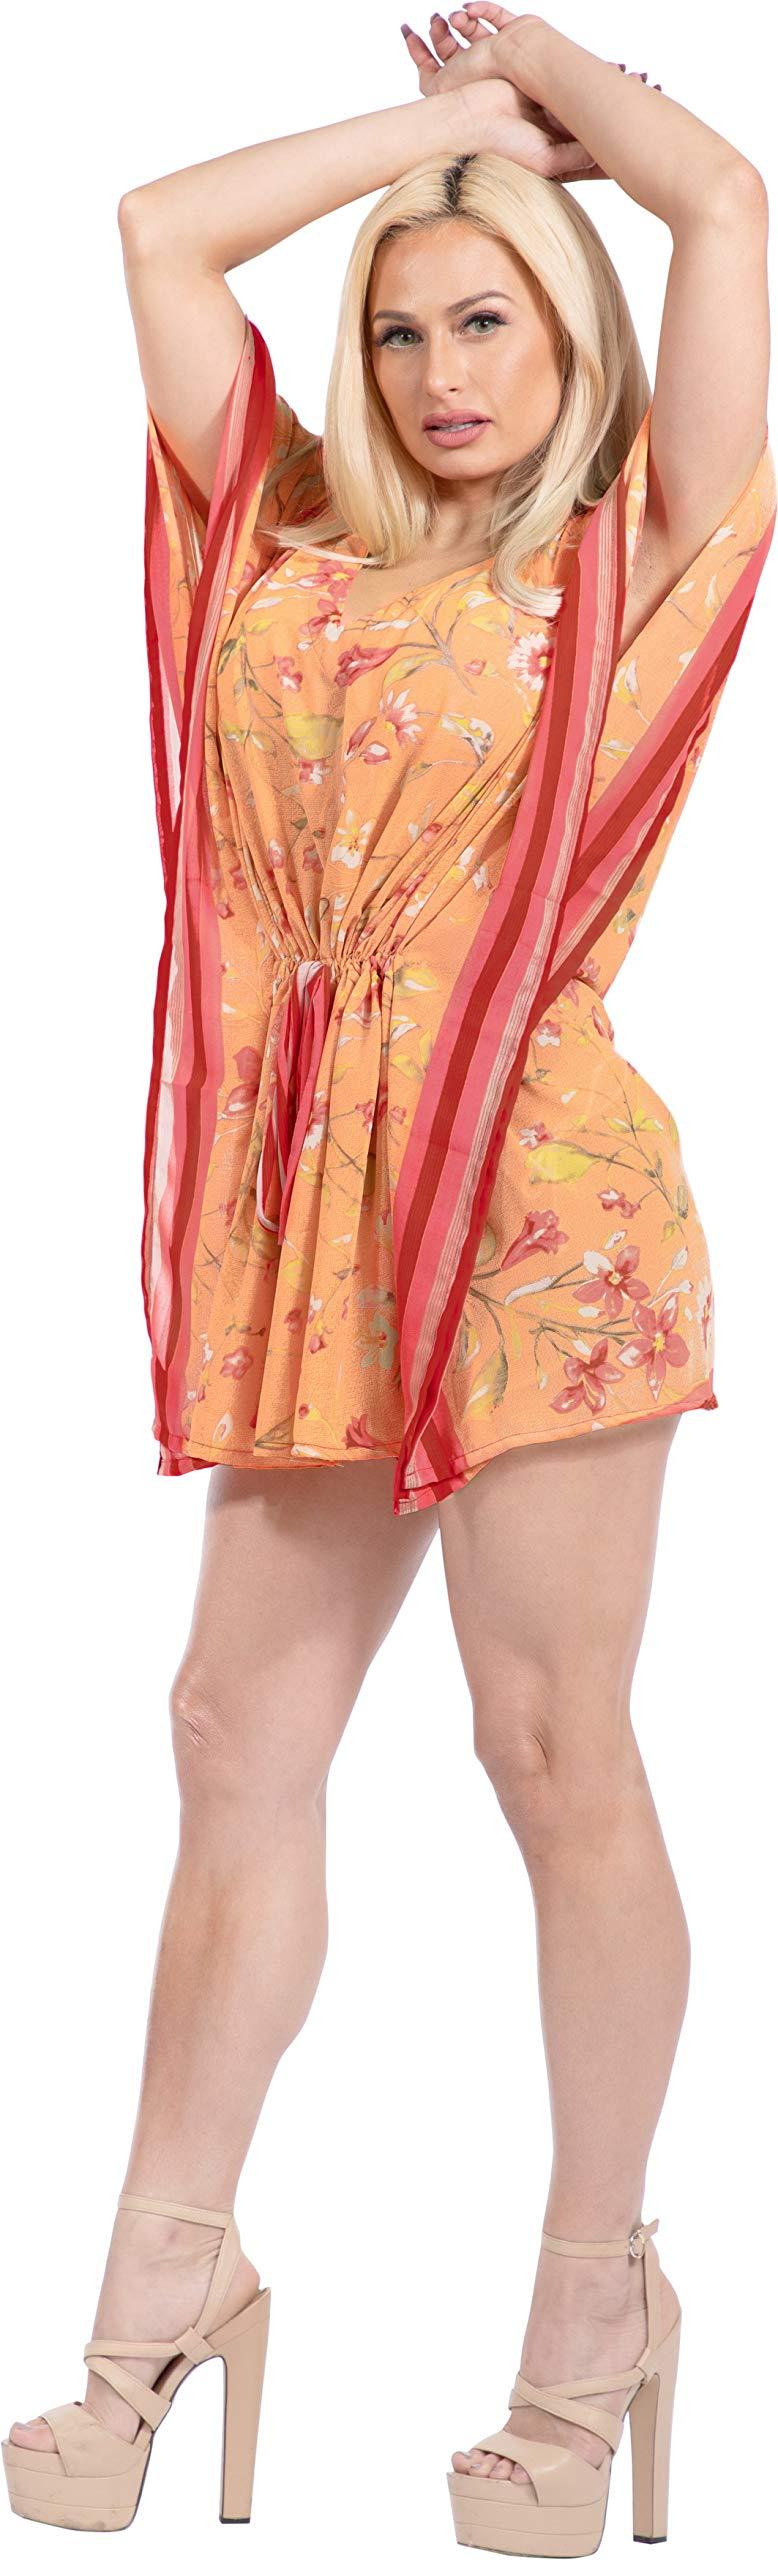 LA LEELA Abito Kimono Abbigliamento Casual Kaftano Top Costume da Bagno Cover up Spiaggia Estiva per Le Donne 4 spesavip